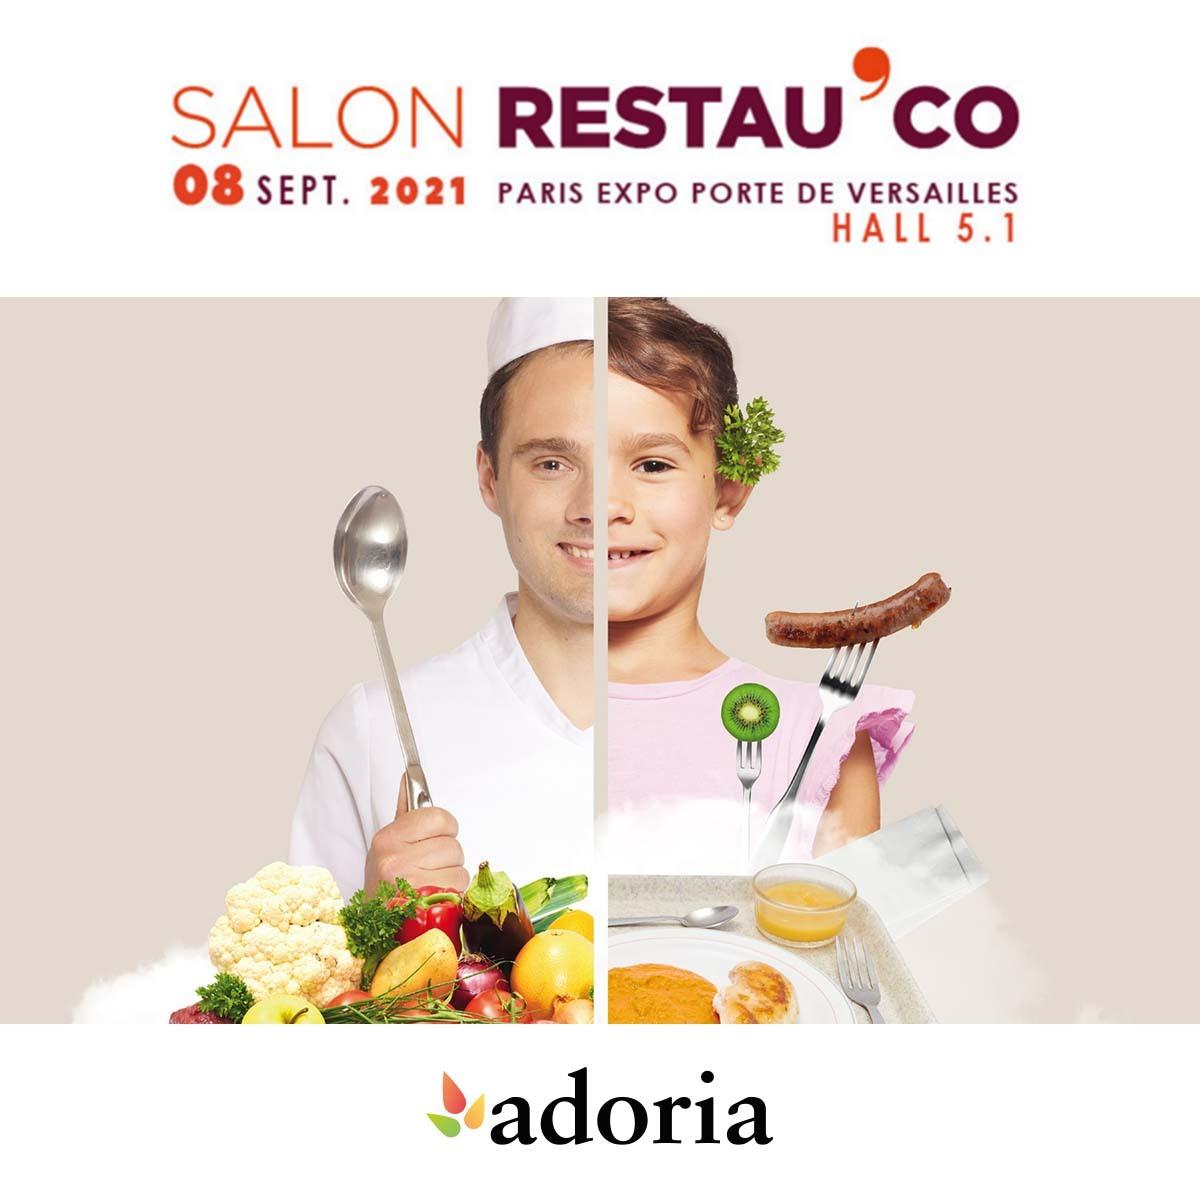 Adoria - Retrouvez Adoria au salon Restau'Co 2021 à Paris !